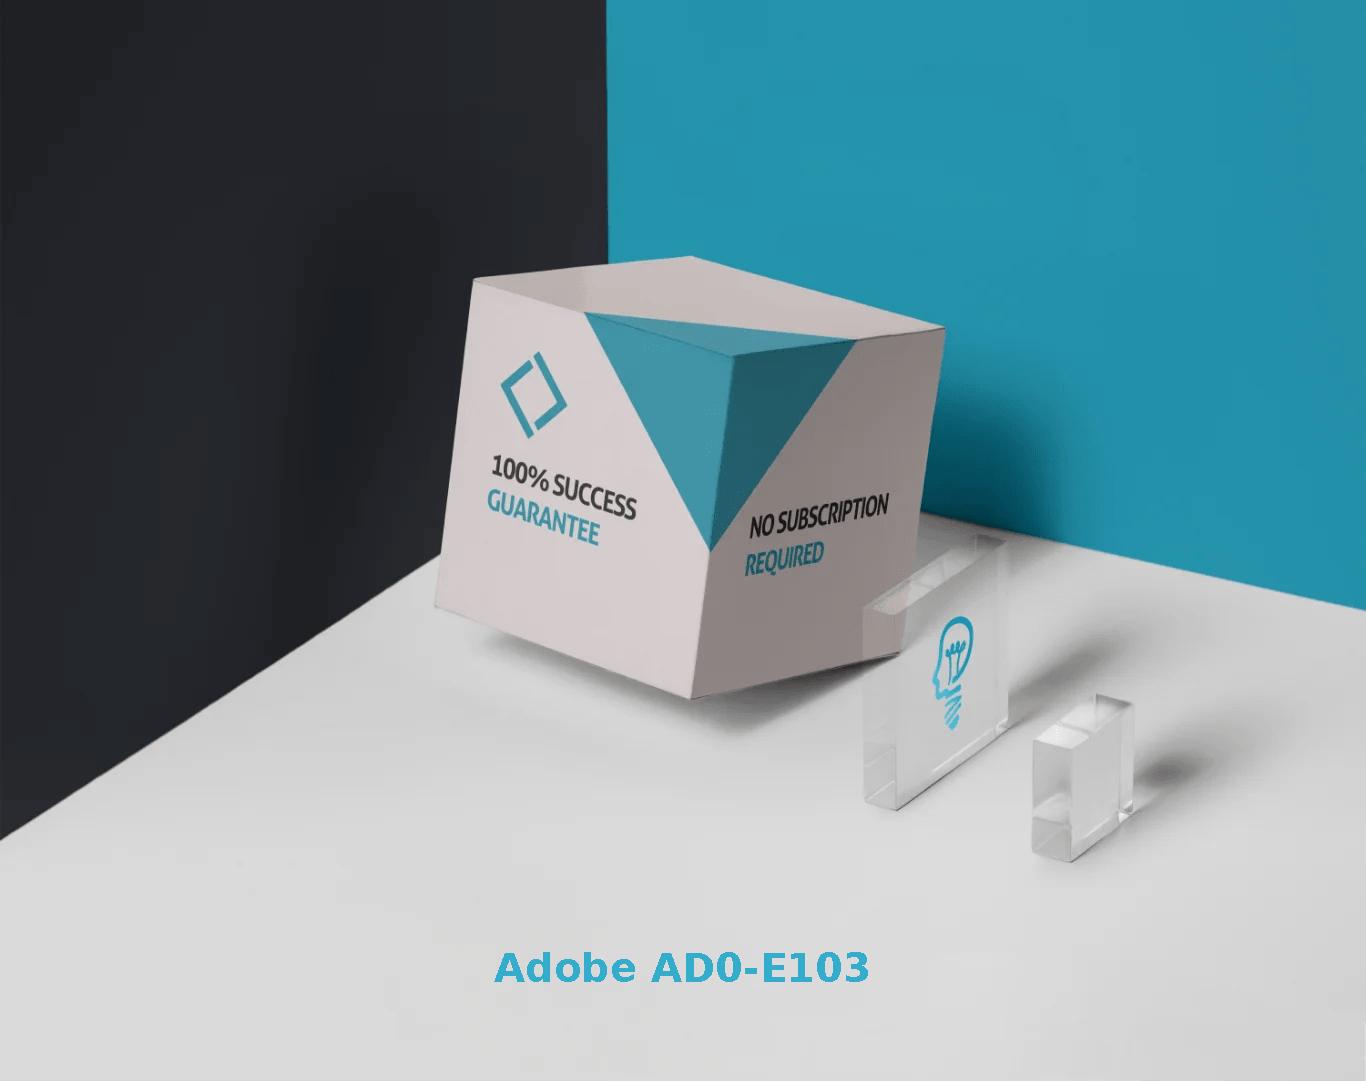 AD0-E103 Dumps